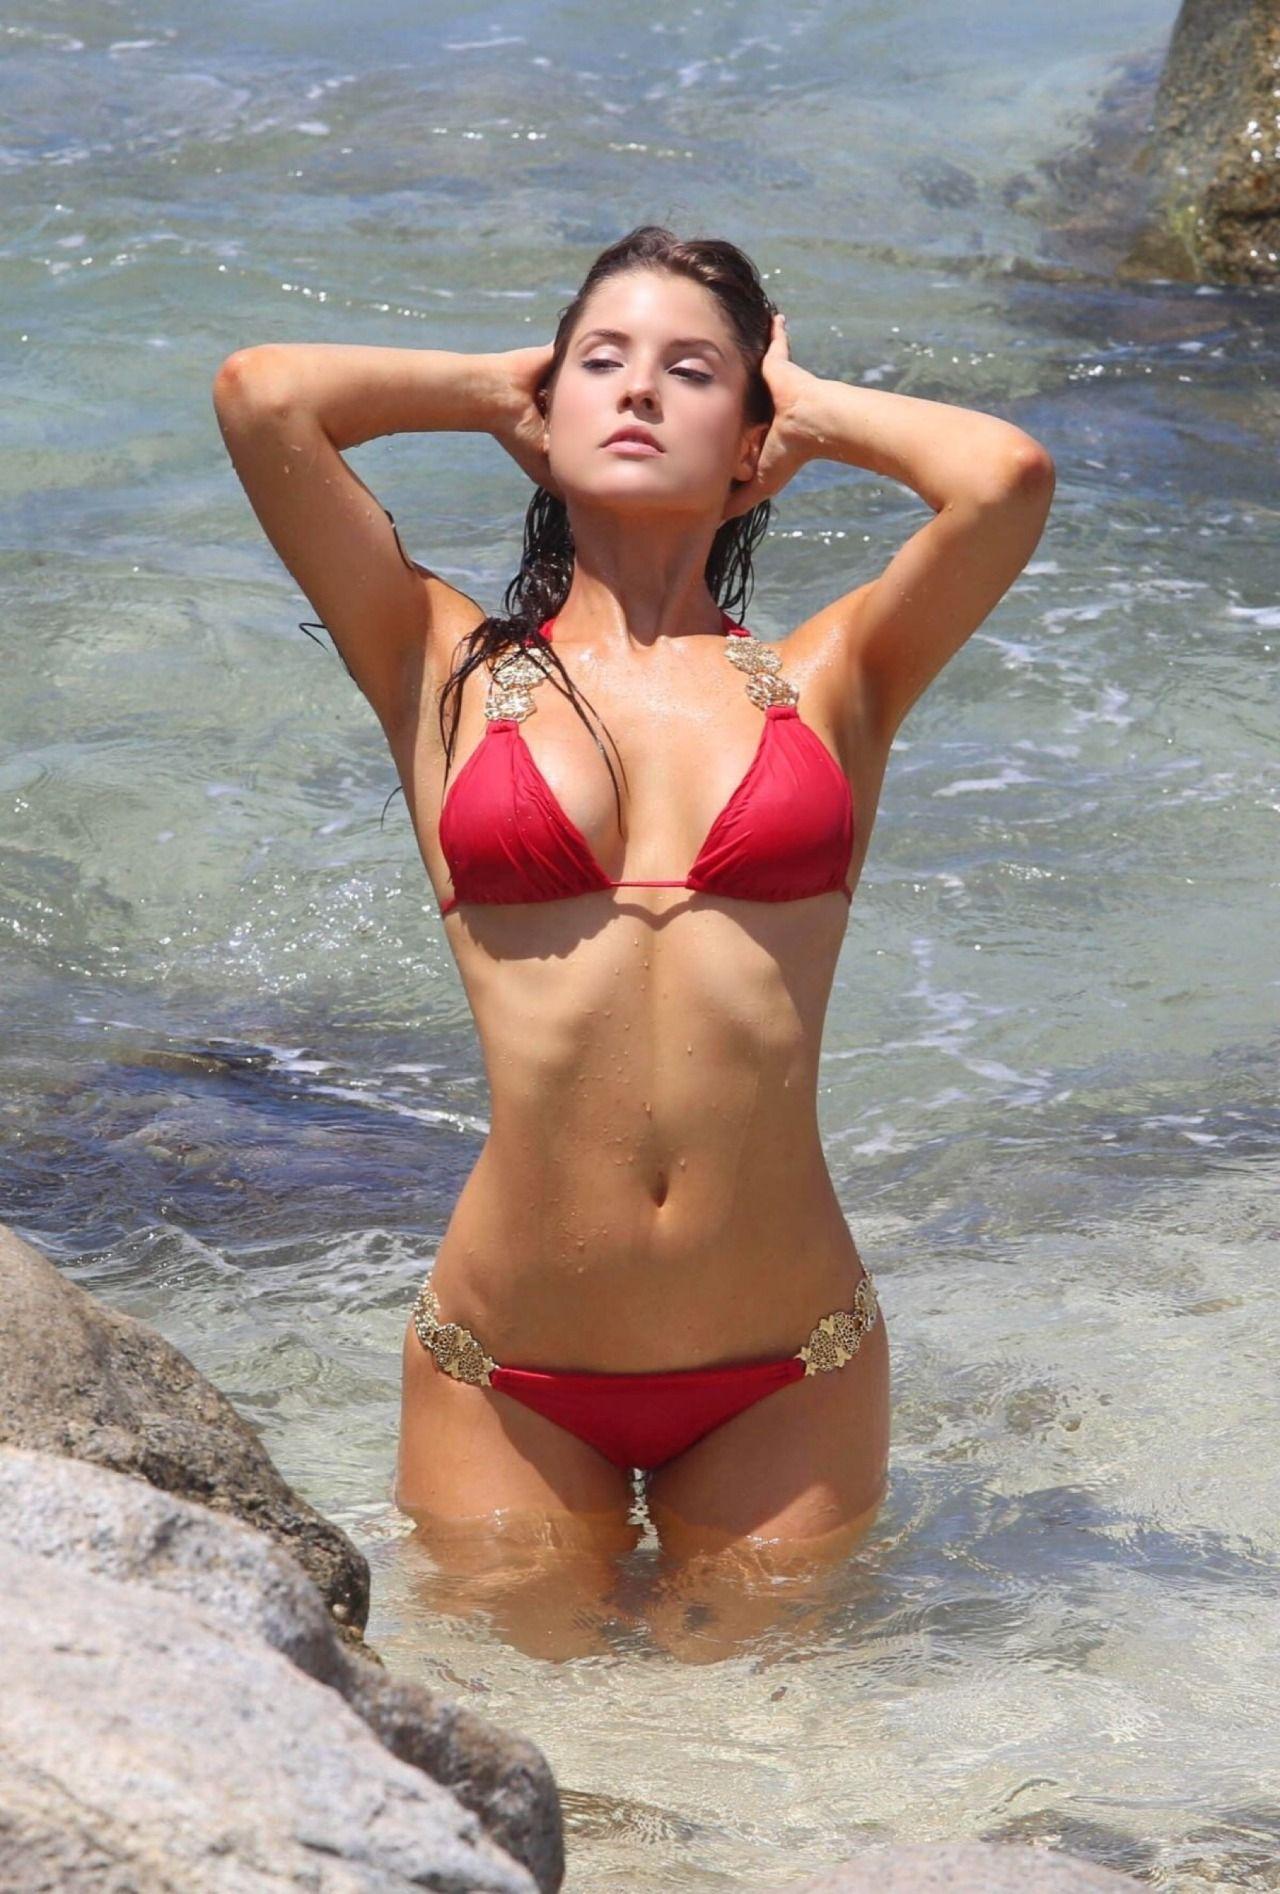 Bikini Marissa Branch naked (79 photo), Tits, Fappening, Twitter, panties 2015